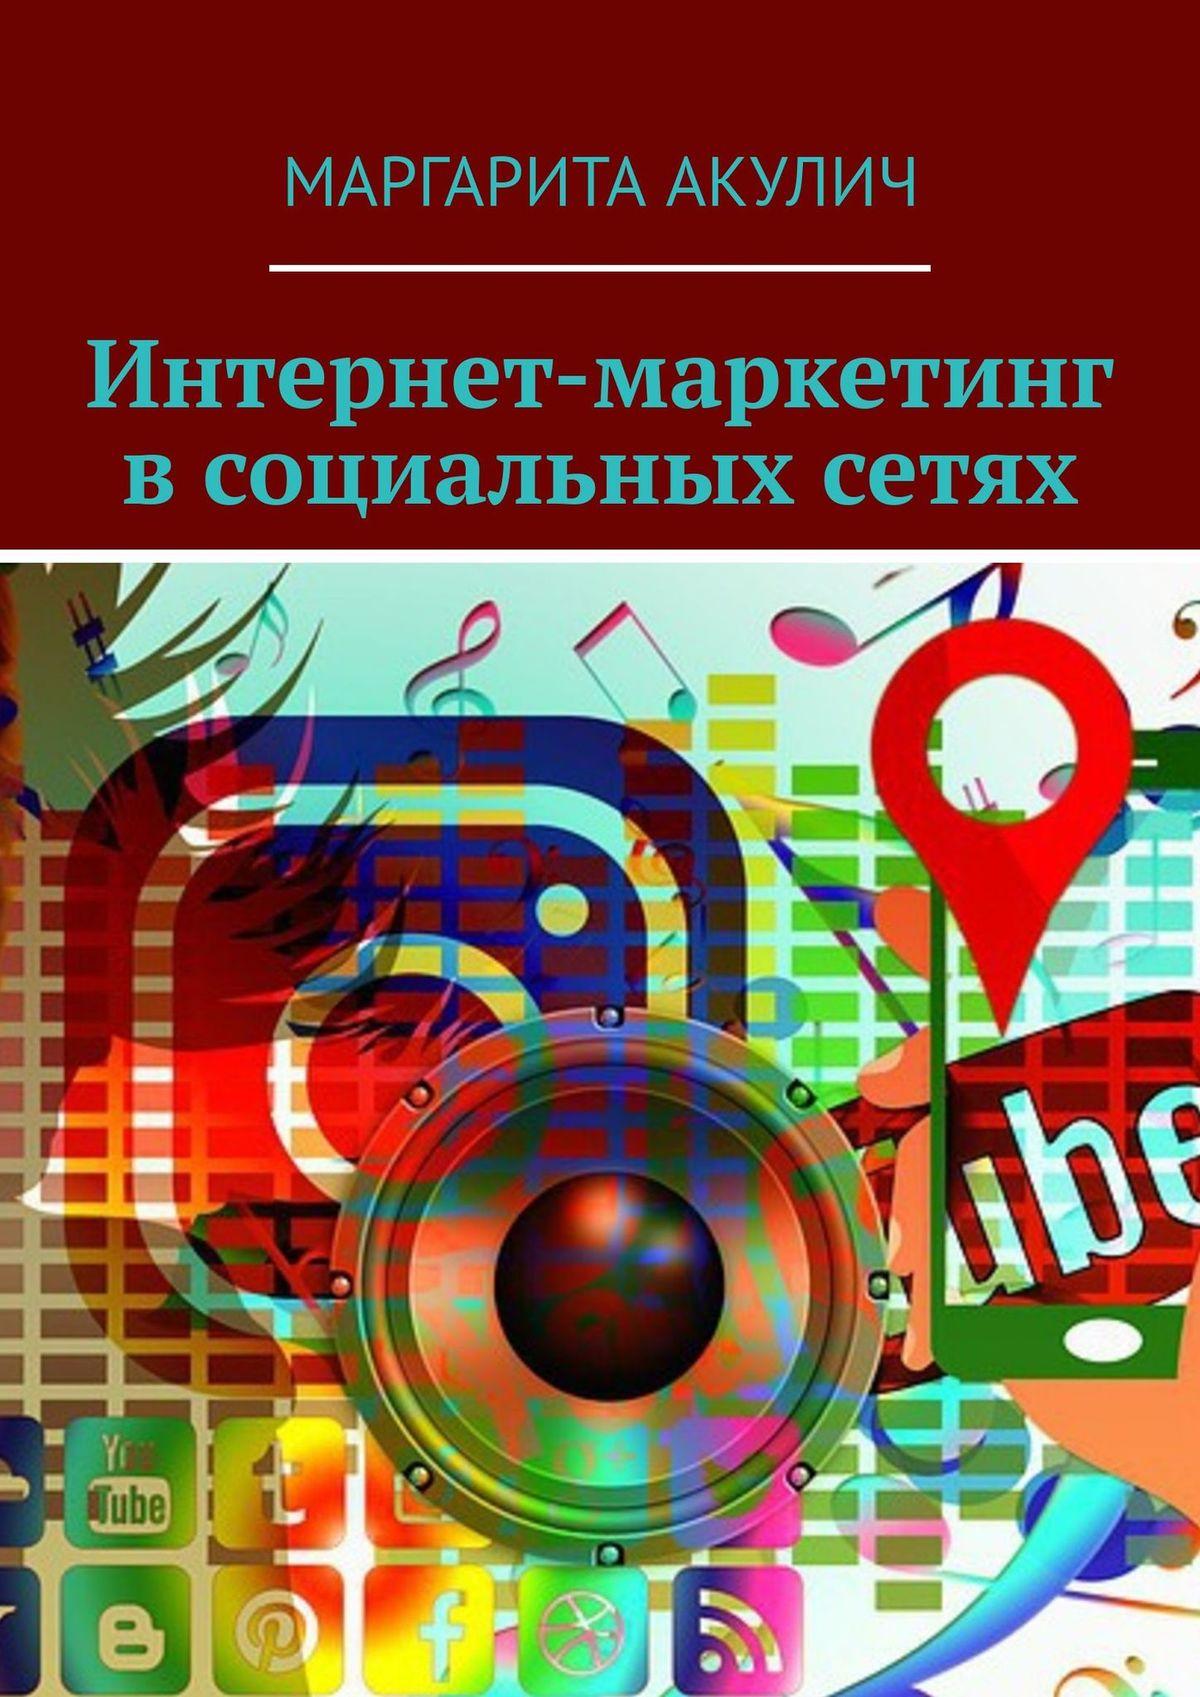 лучшая цена Маргарита Акулич Интернет-маркетинг всоциальных сетях